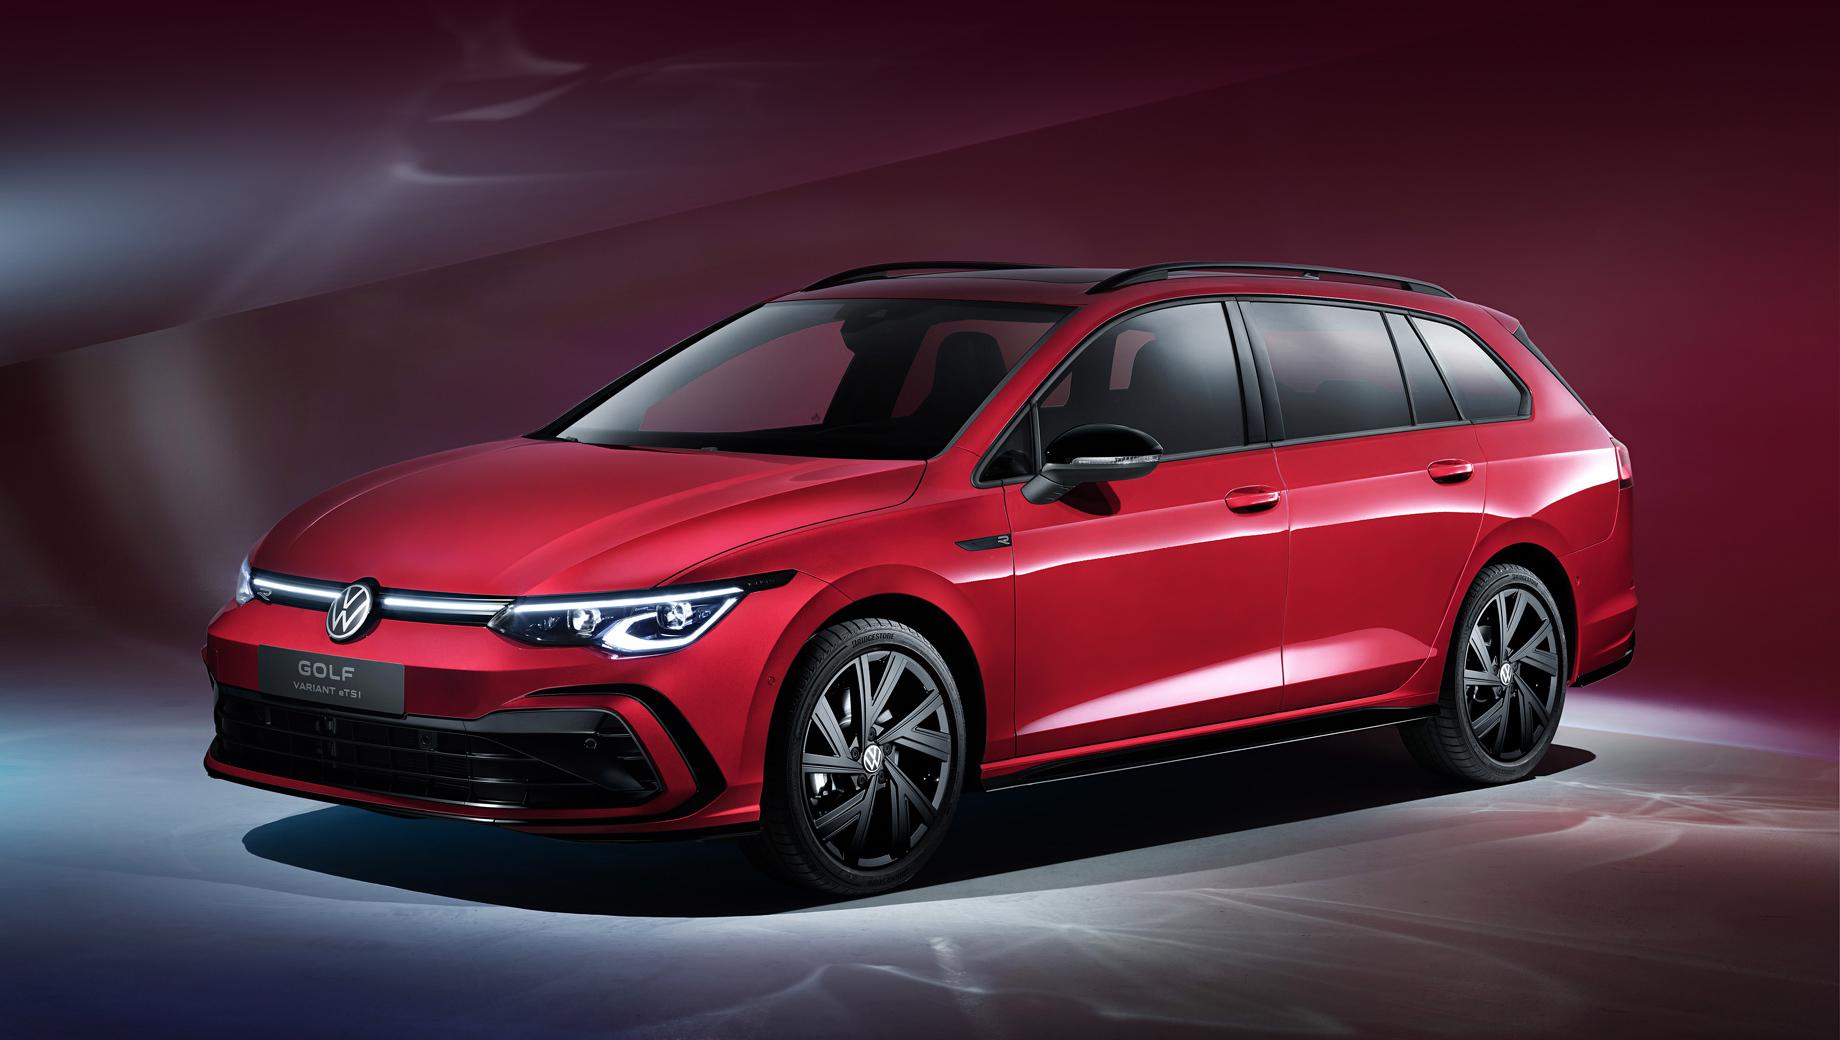 Volkswagen golf,Volkswagen golf variant,Volkswagen golf alltrack. Красный универсал на снимках оснащён стайлинг-пакетом R-Line и умеренной гибридной системой eTSI.